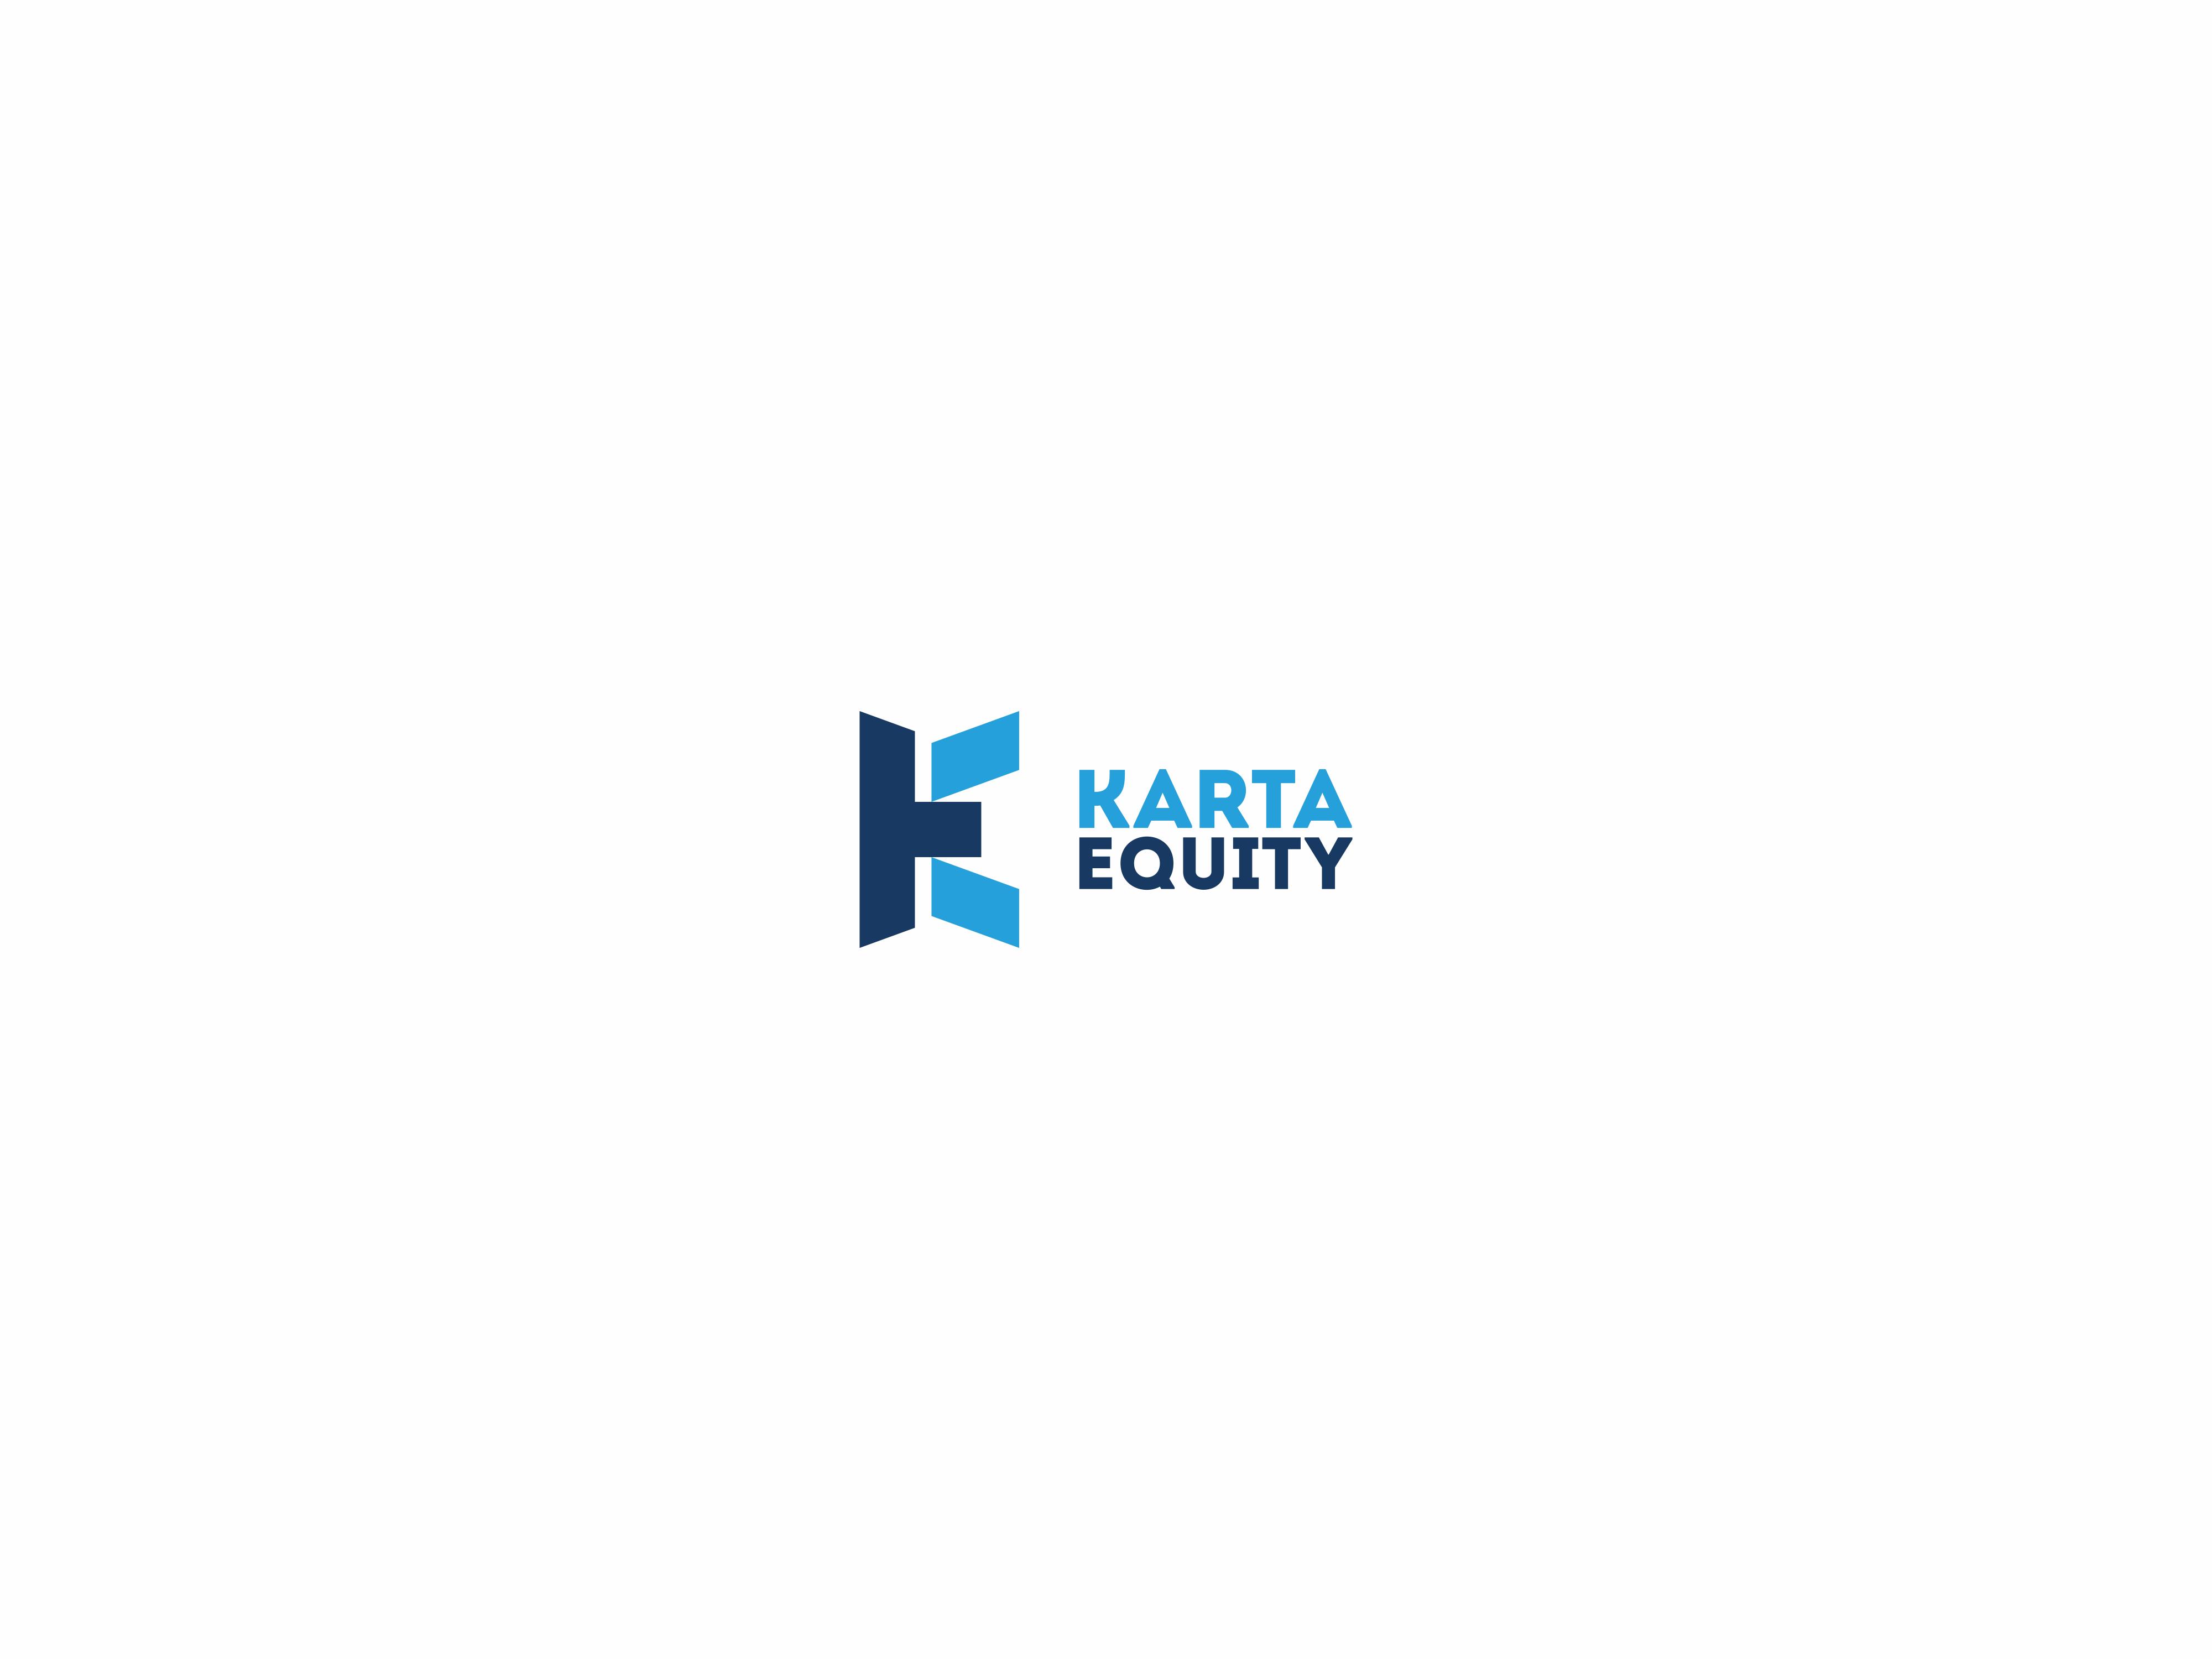 Логотип для компании инвестироваюшей в жилую недвижимость фото f_4005e1a00ec5f265.png